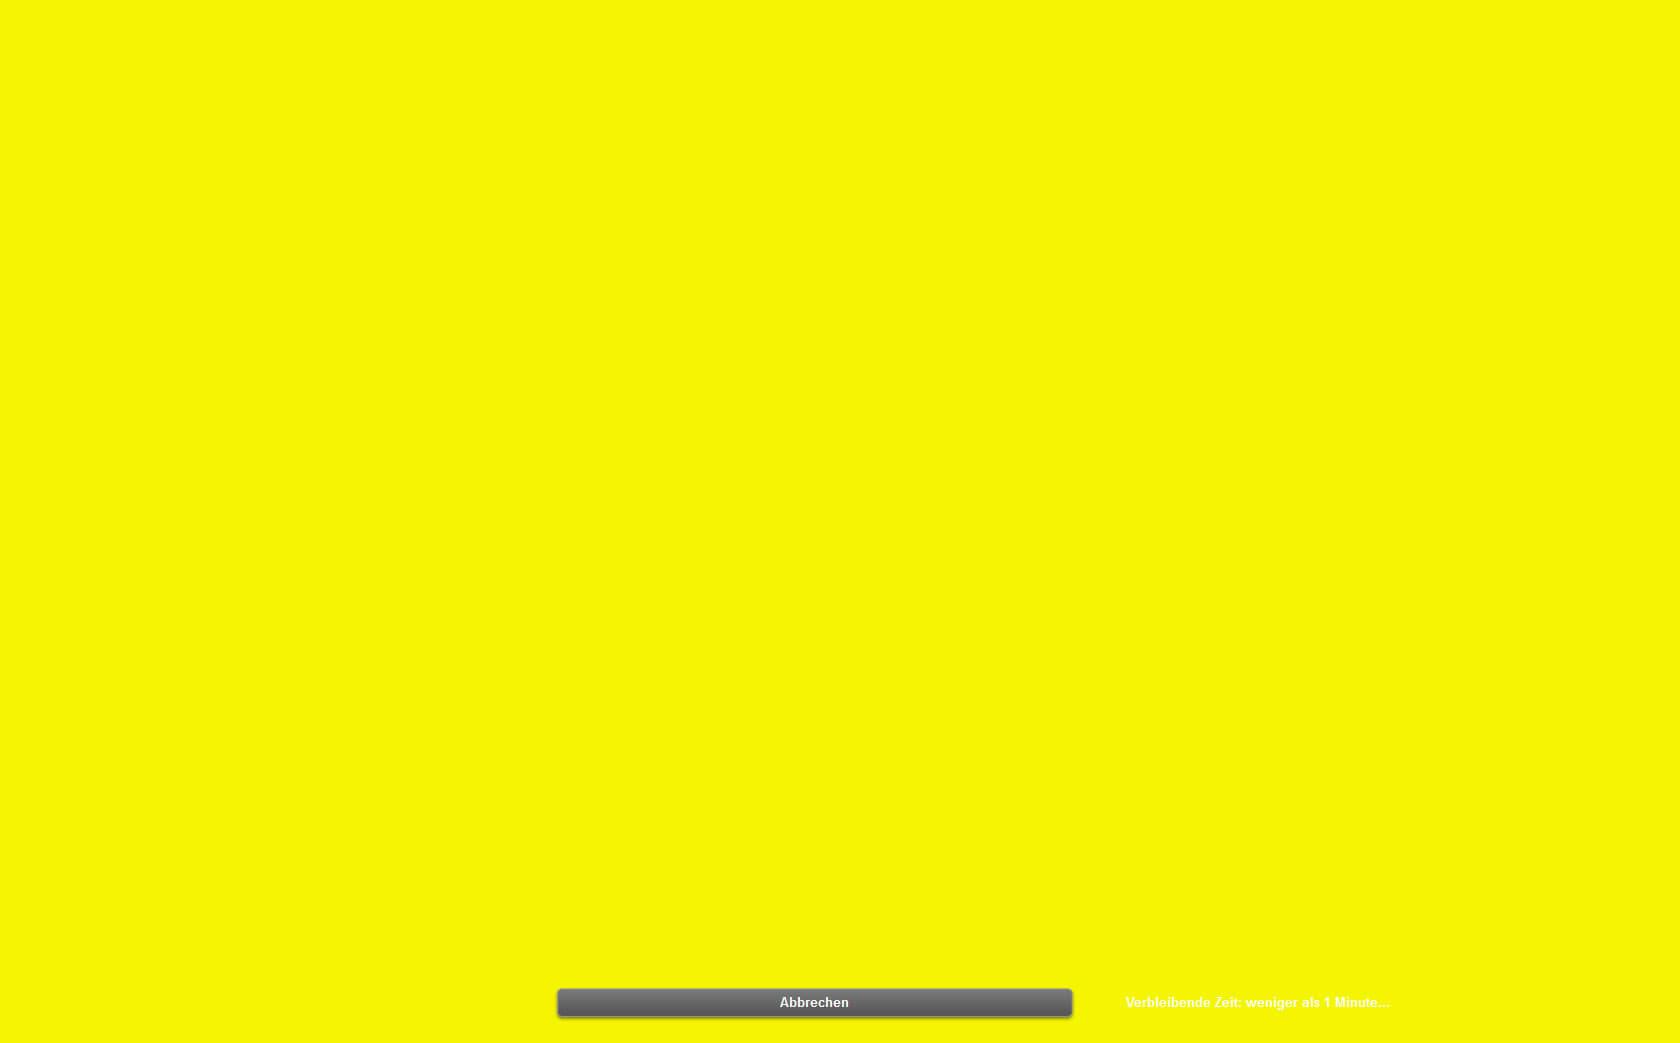 15 Farbtonmessung 8 ColorMunki Display